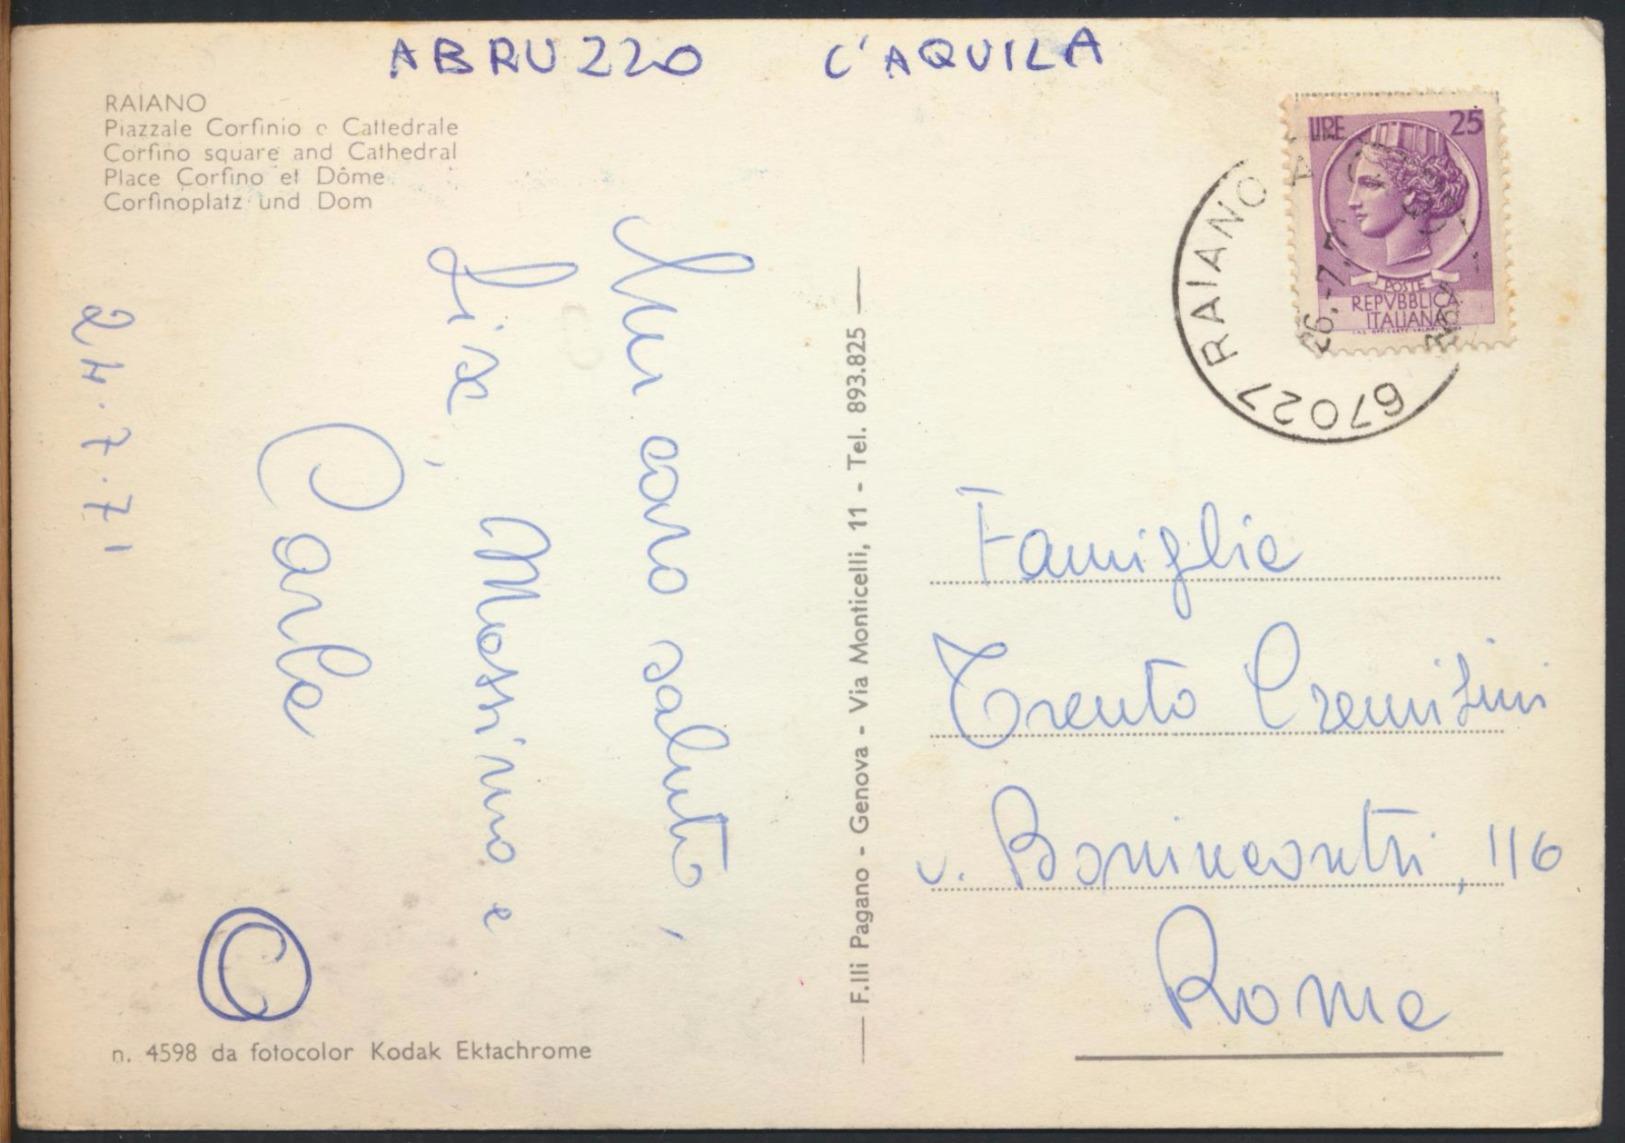 °°° 1535 - RAIANO - PIAZZALE CORFINIO E CATTEDRALE (AQ) 1971 °°° - Italia